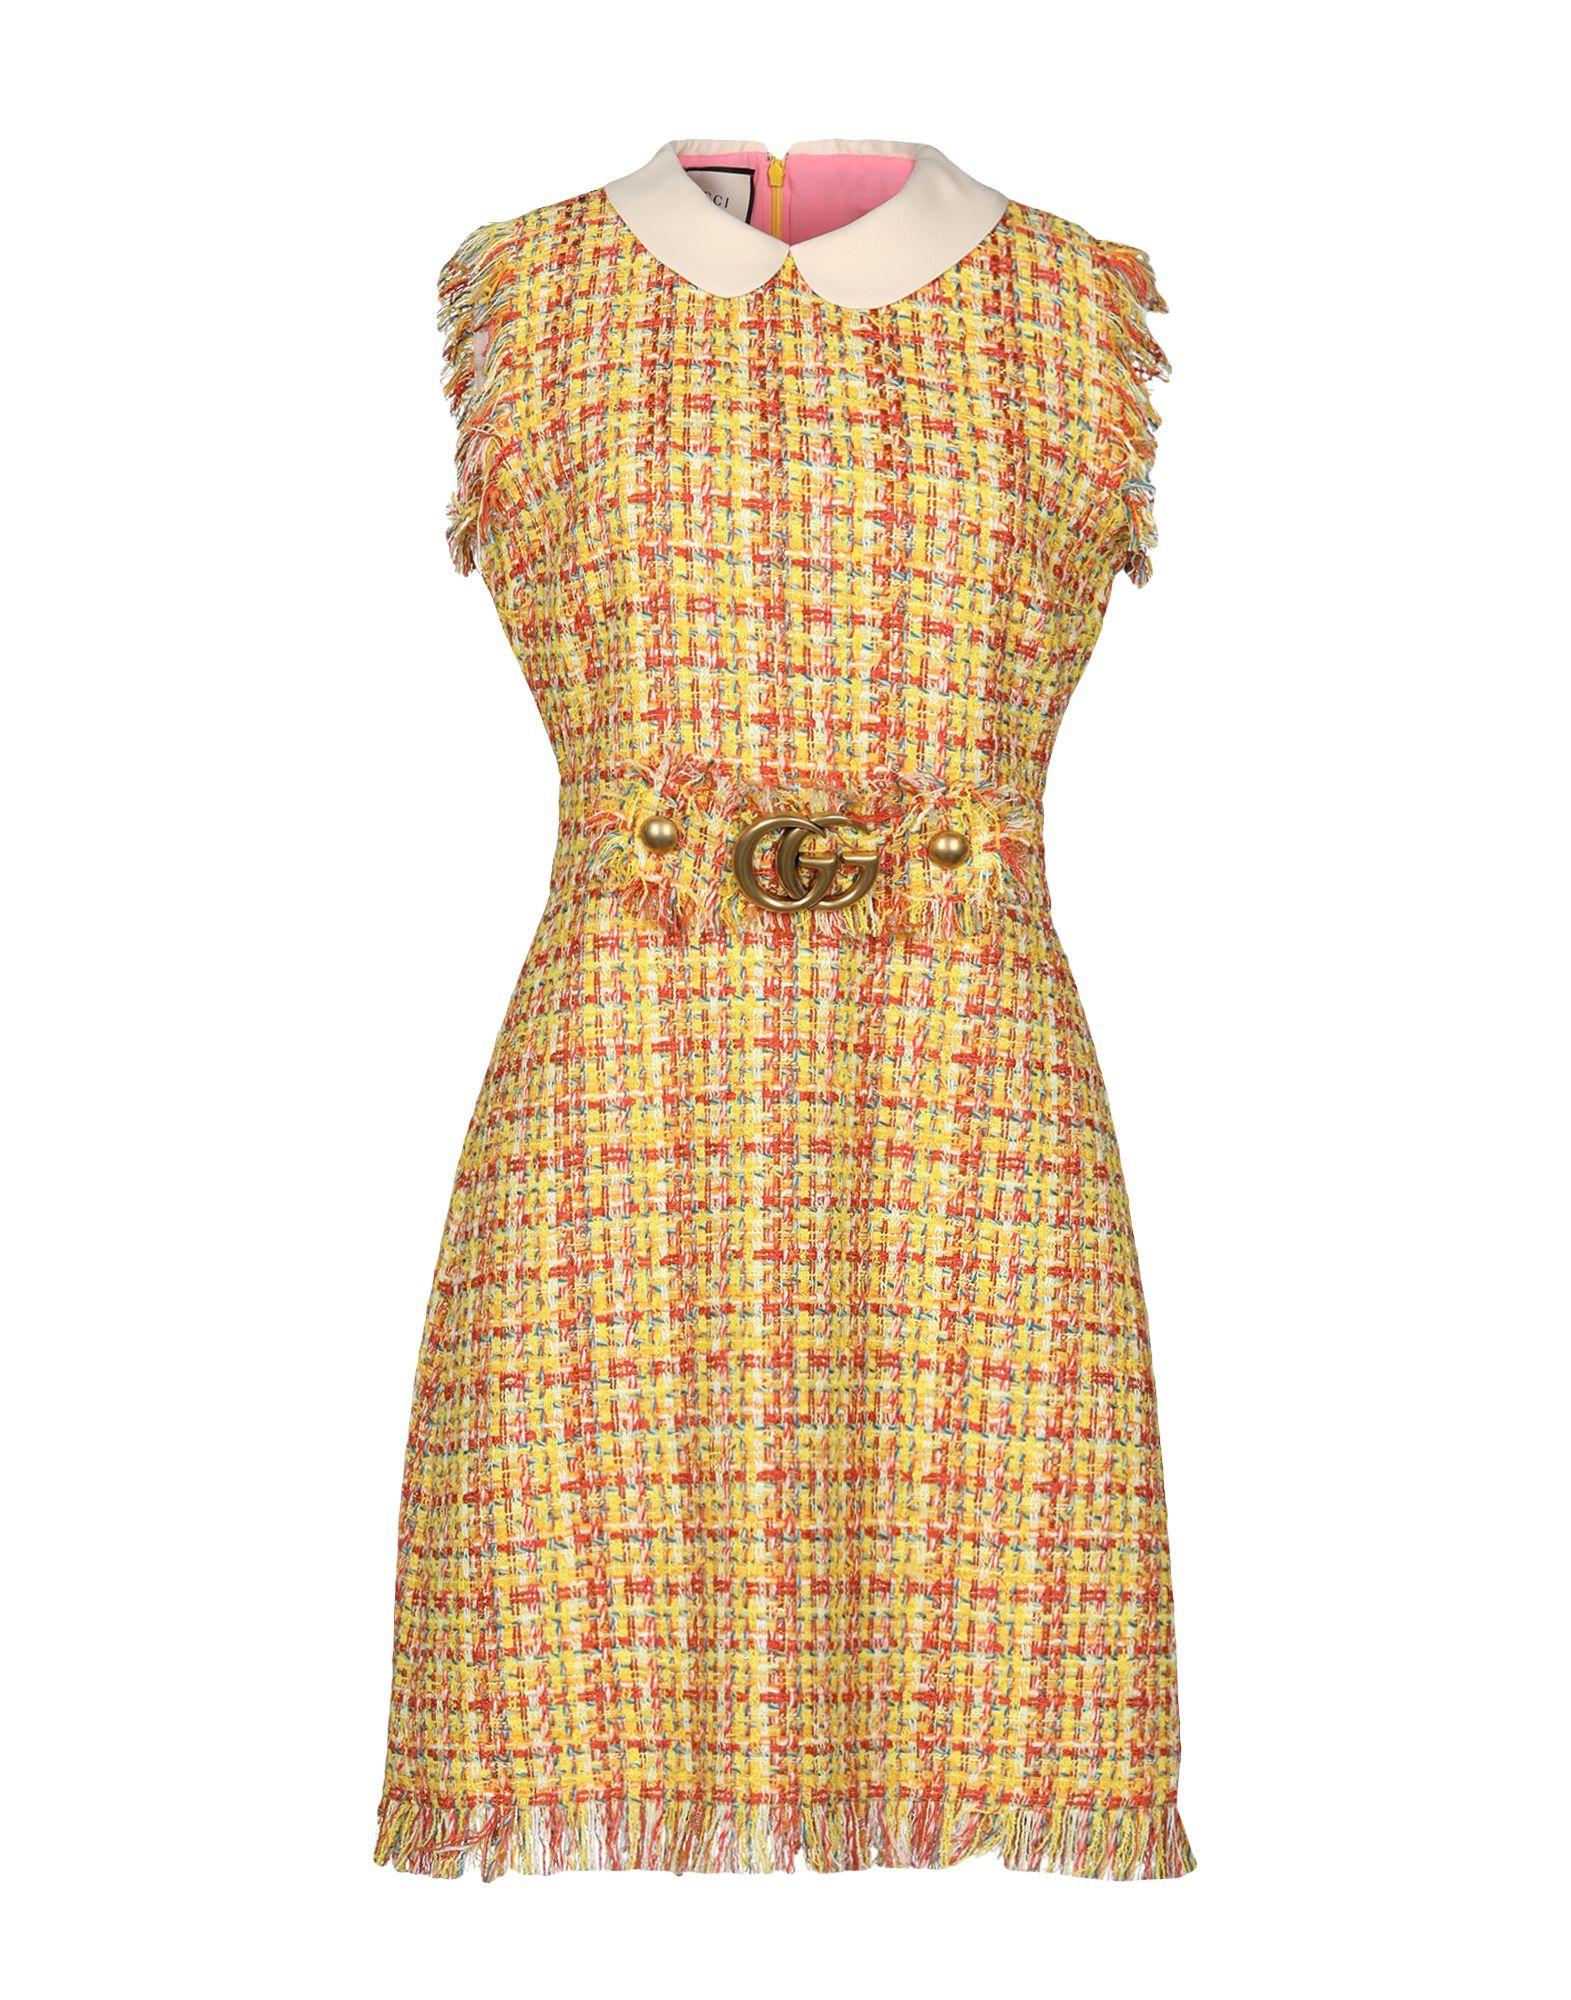 GUCCI Damen Kurzes Kleid Farbe Gelb Größe 2